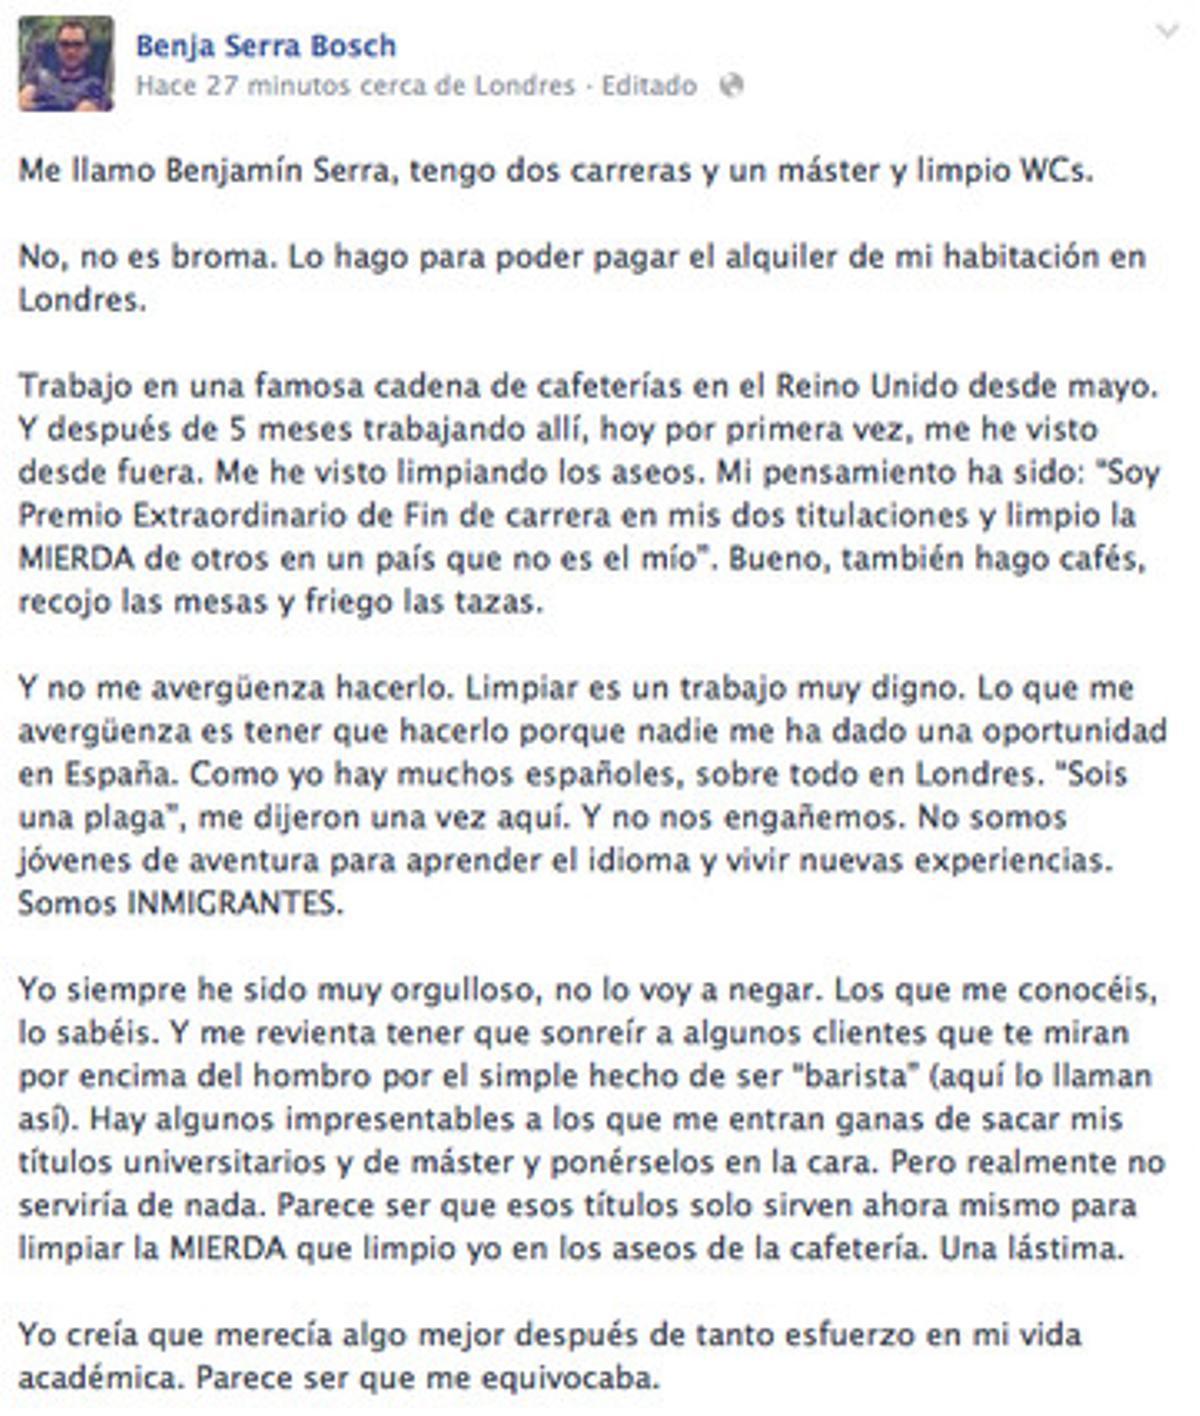 El mensaje de Benjamín Serra Bosch.